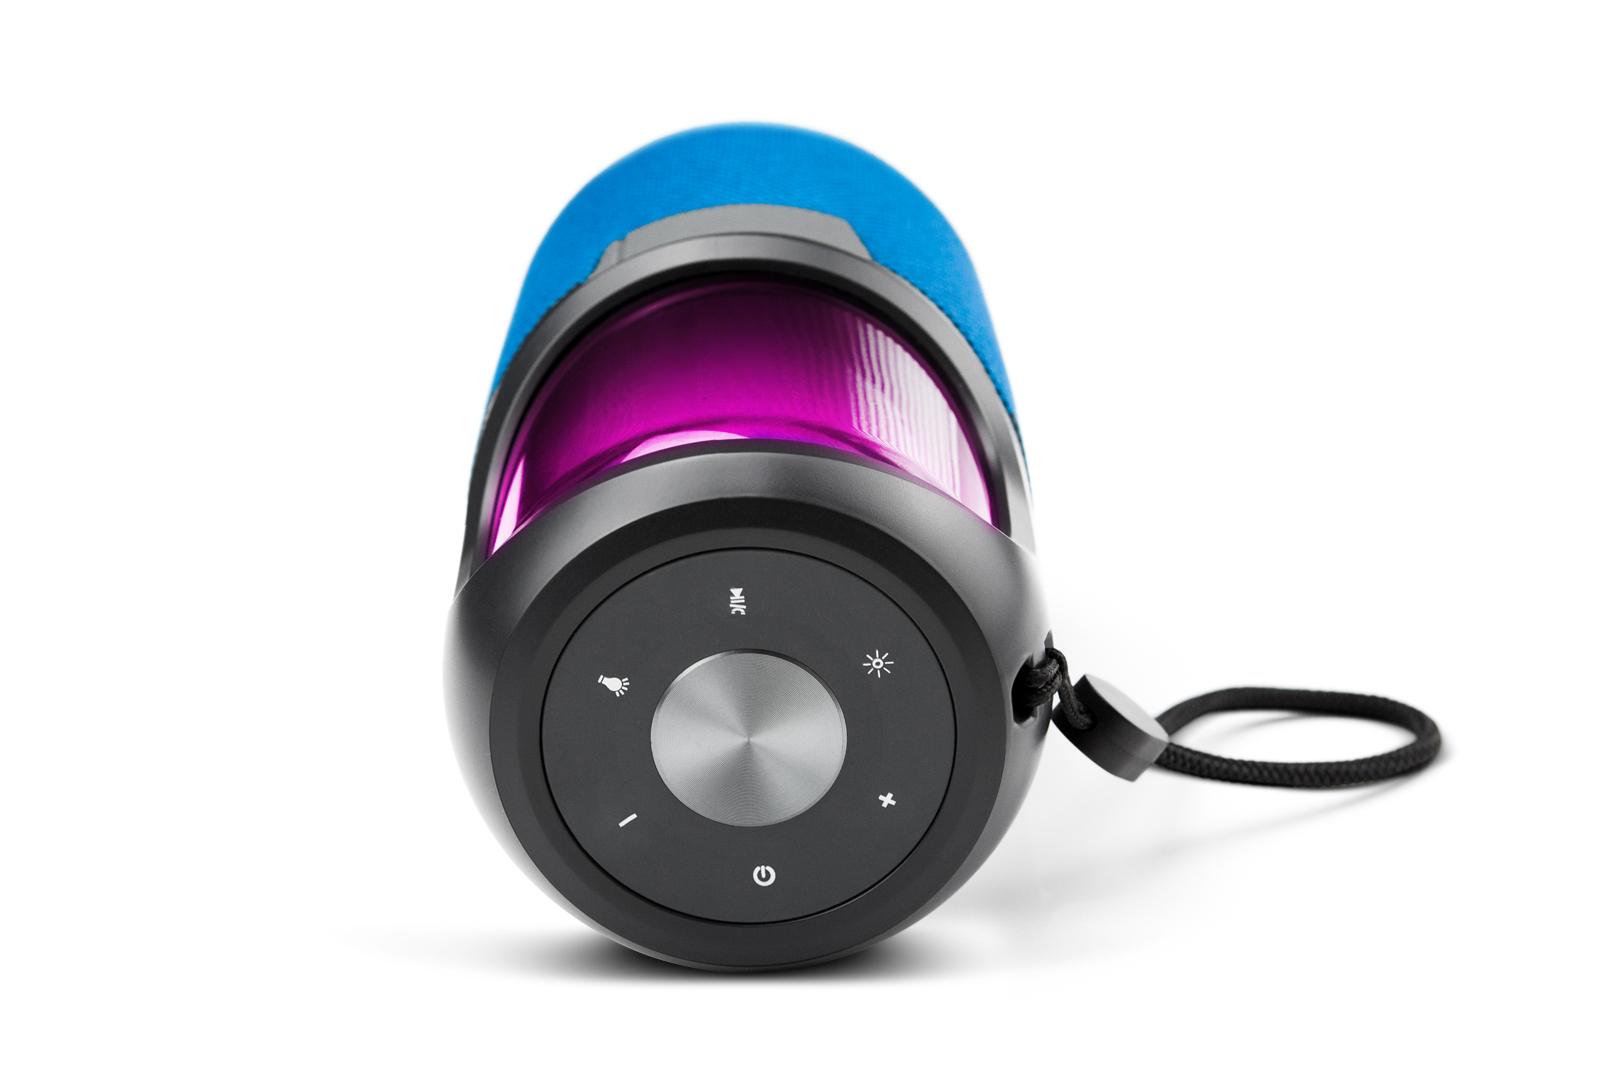 Zupełnie nowy produkt – Xblitz przedstawia bezprzewodowe głośniki